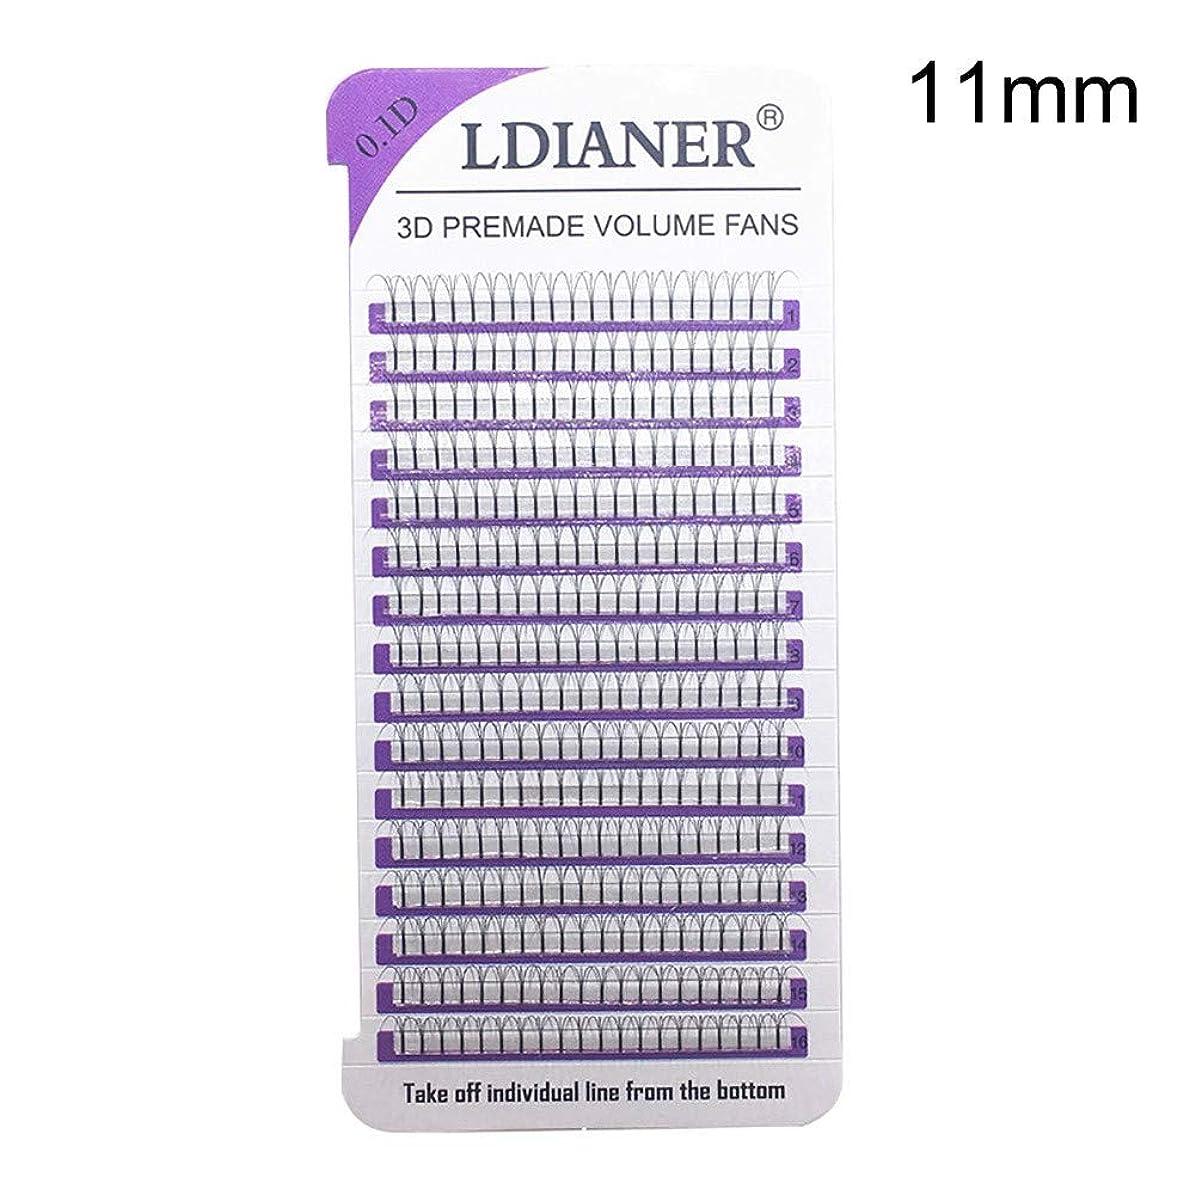 ひねくれた下すべきLQQSTORE つけまつげ まつげ ナチュラル つけまつげの毛深い 16列つけまつげ 紫カード つけまつげの波のミンク0.1Dの黒い絹のまつげ延長 11mm